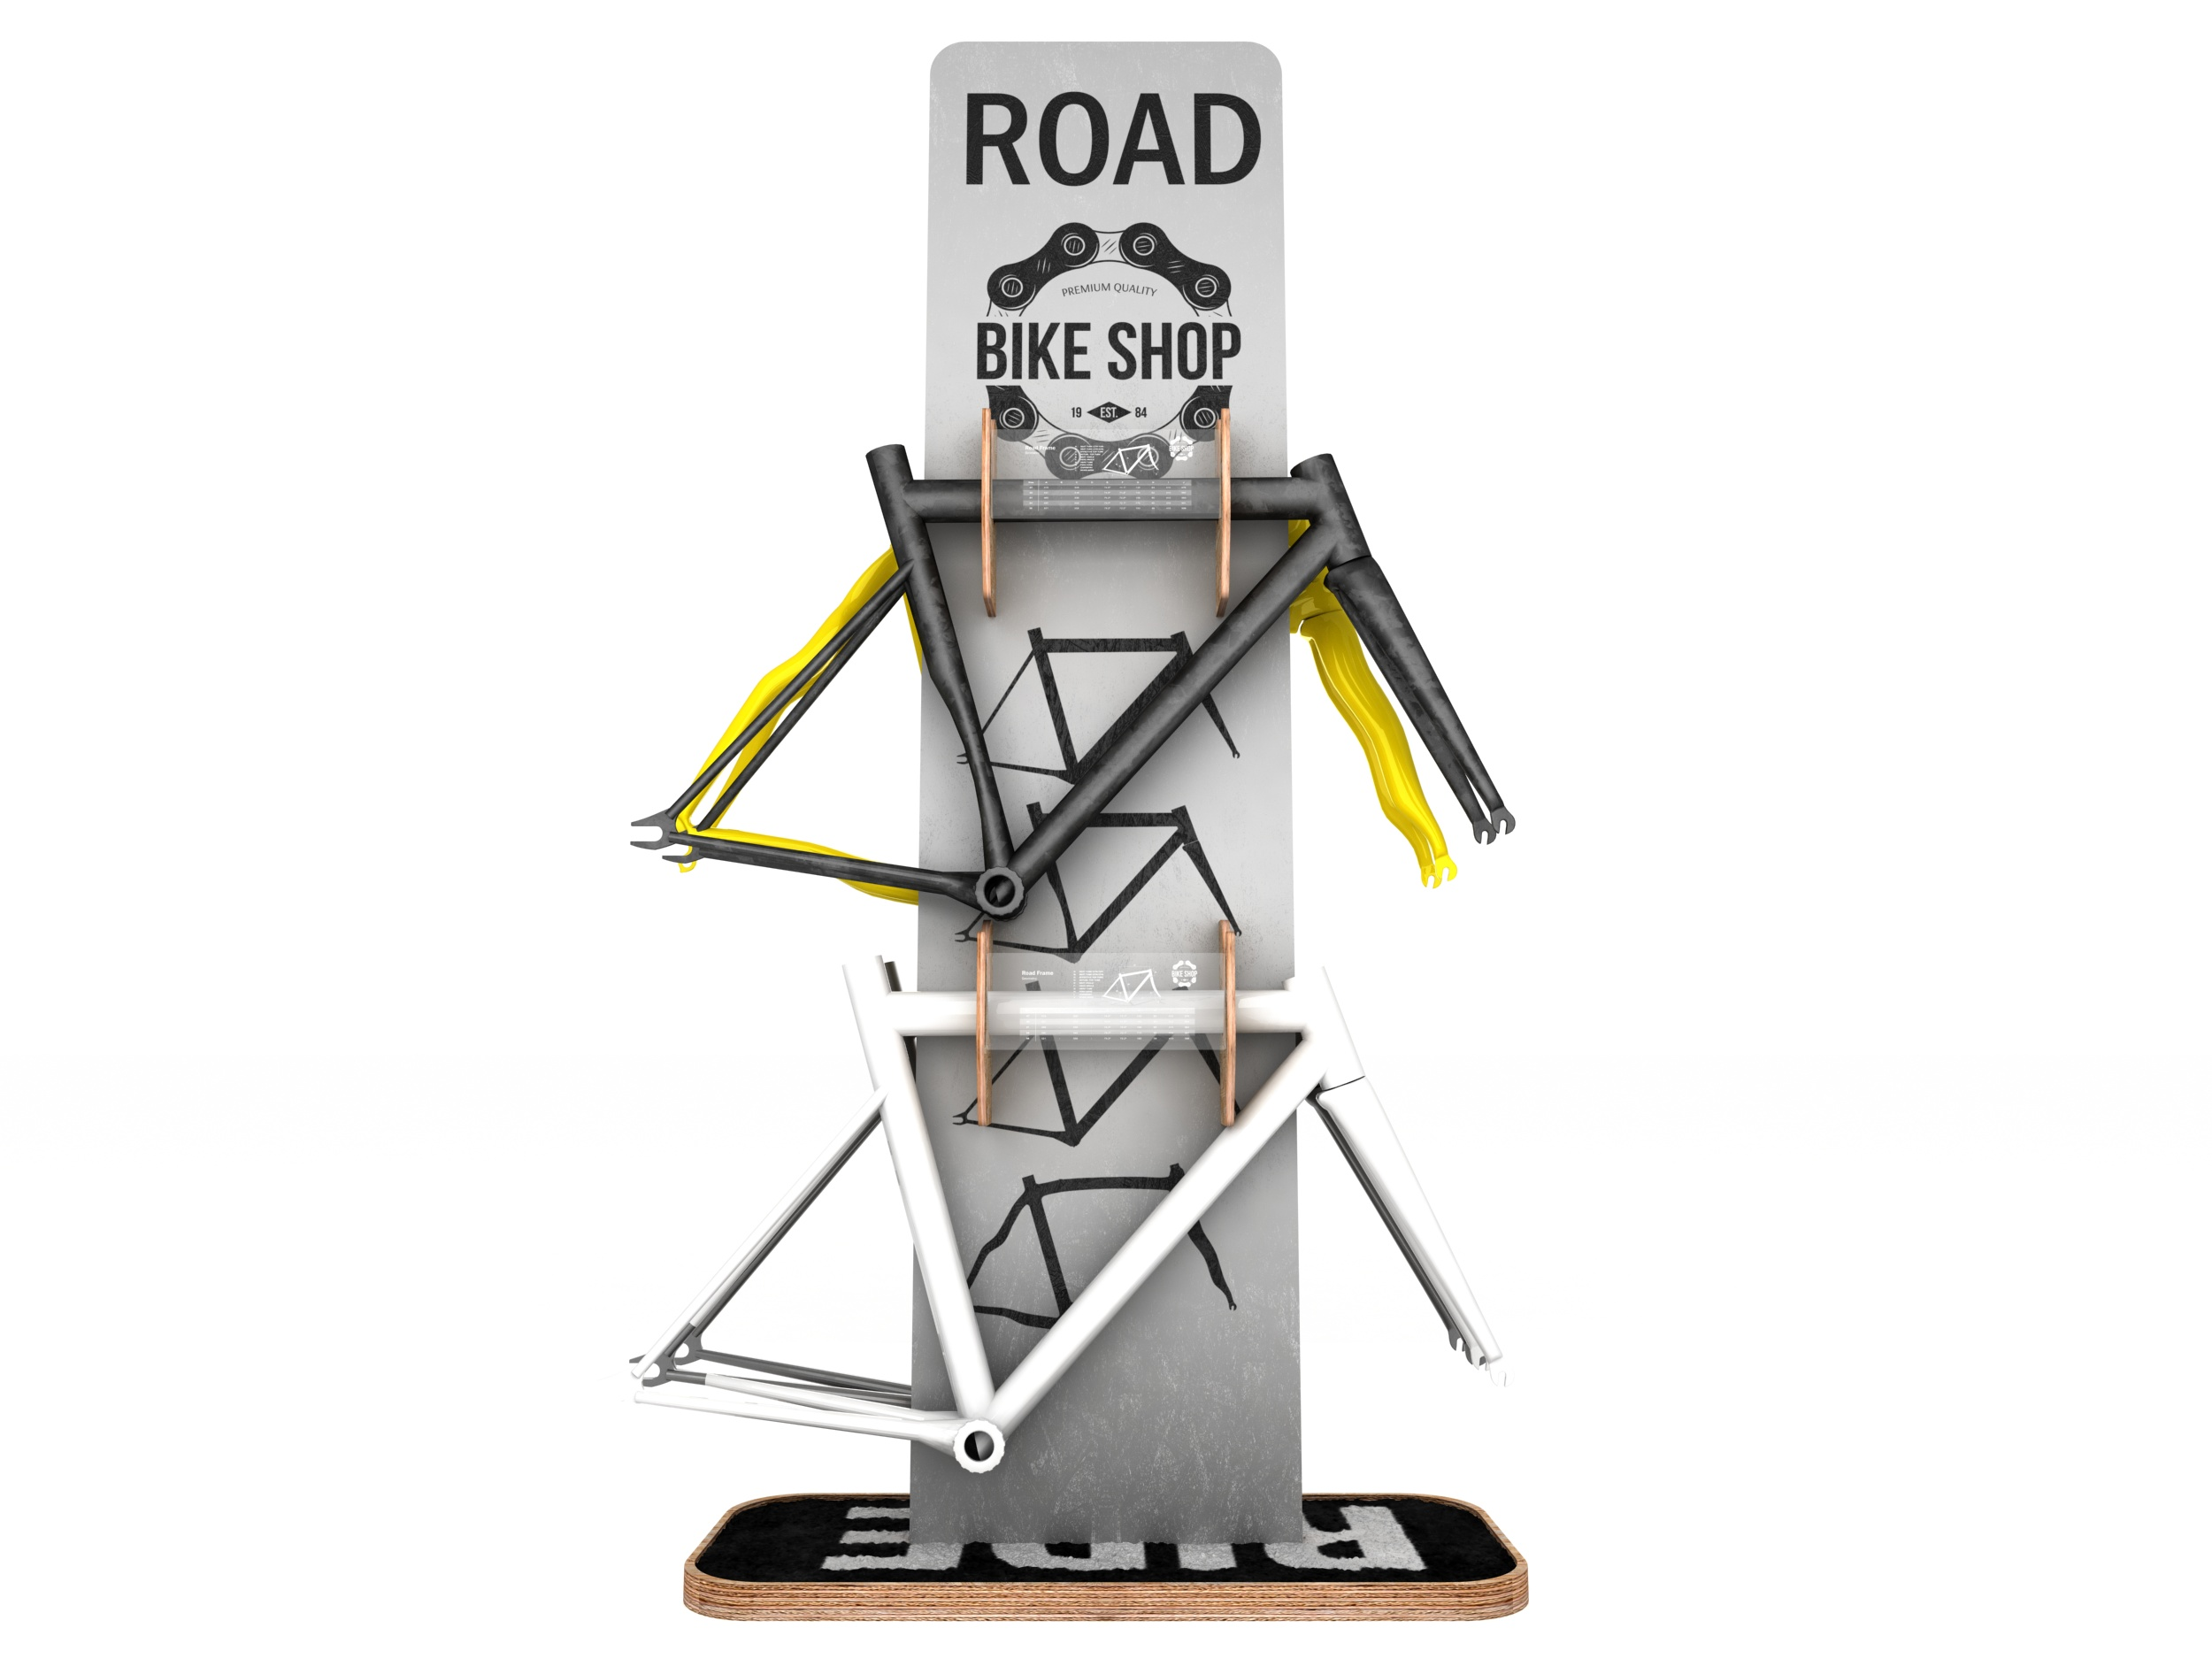 POS_Road Frame Display_002.jpg